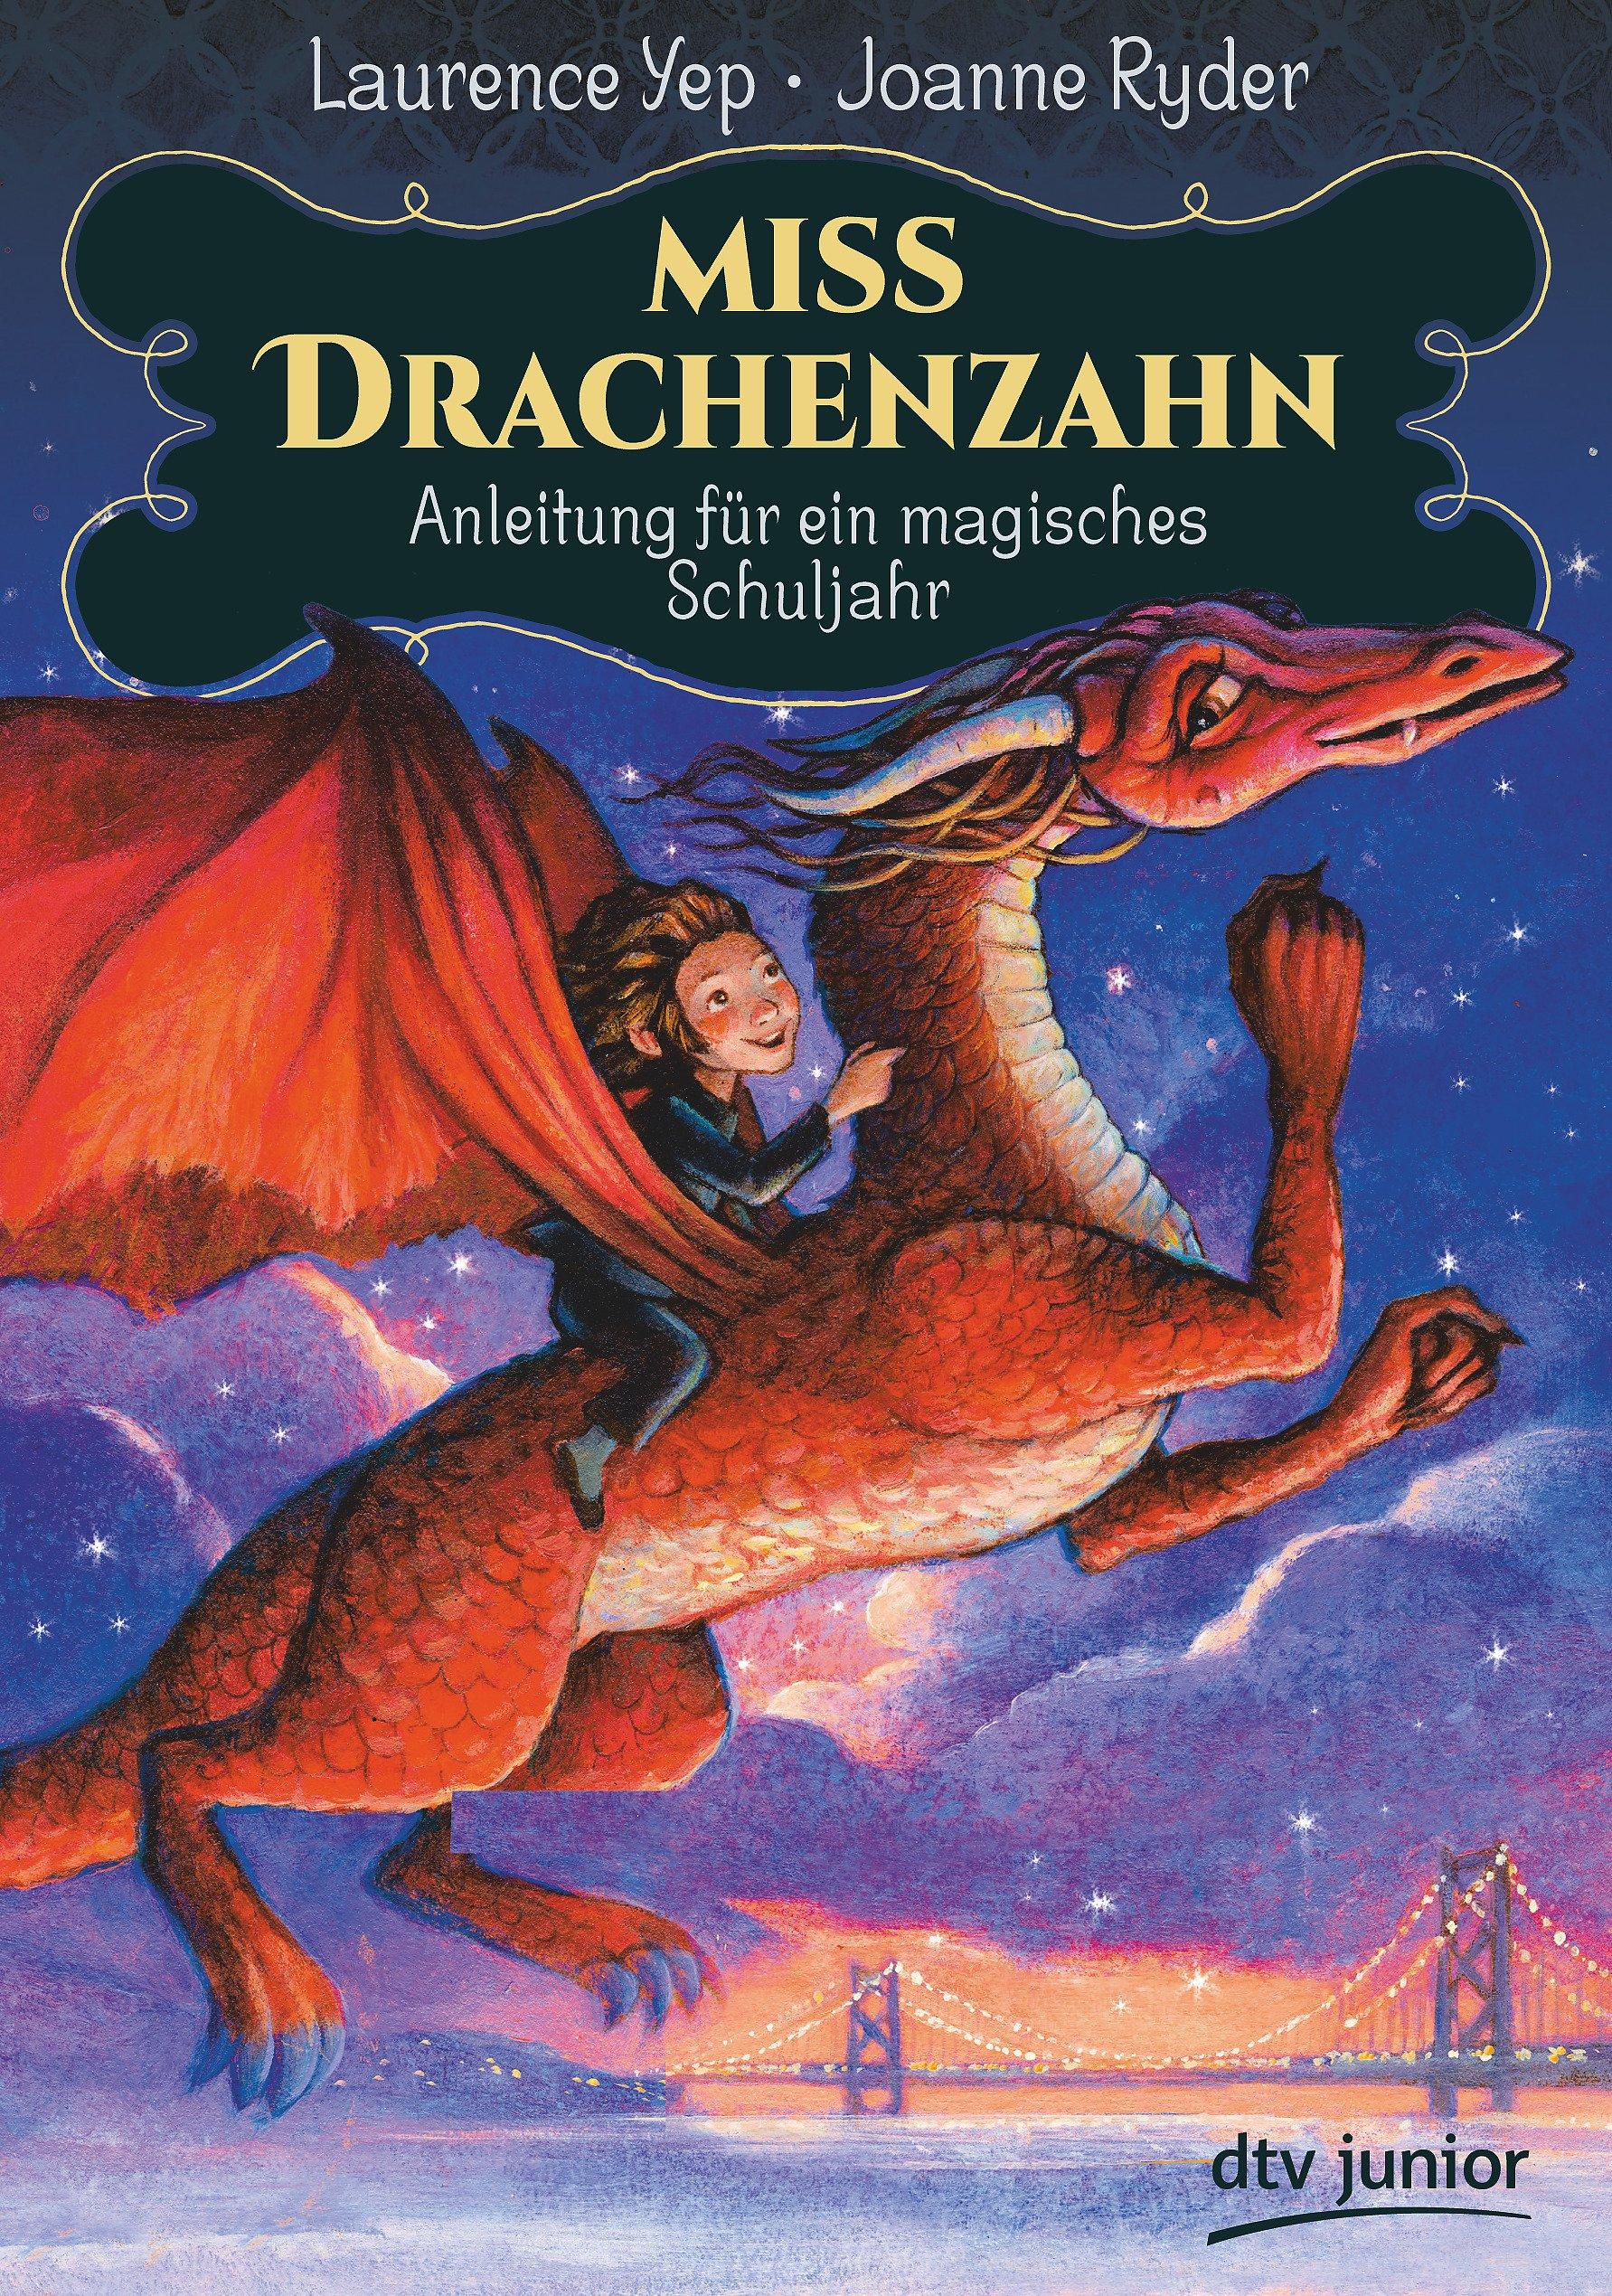 Miss Drachenzahn – Anleitung für ein magisches Schuljahr